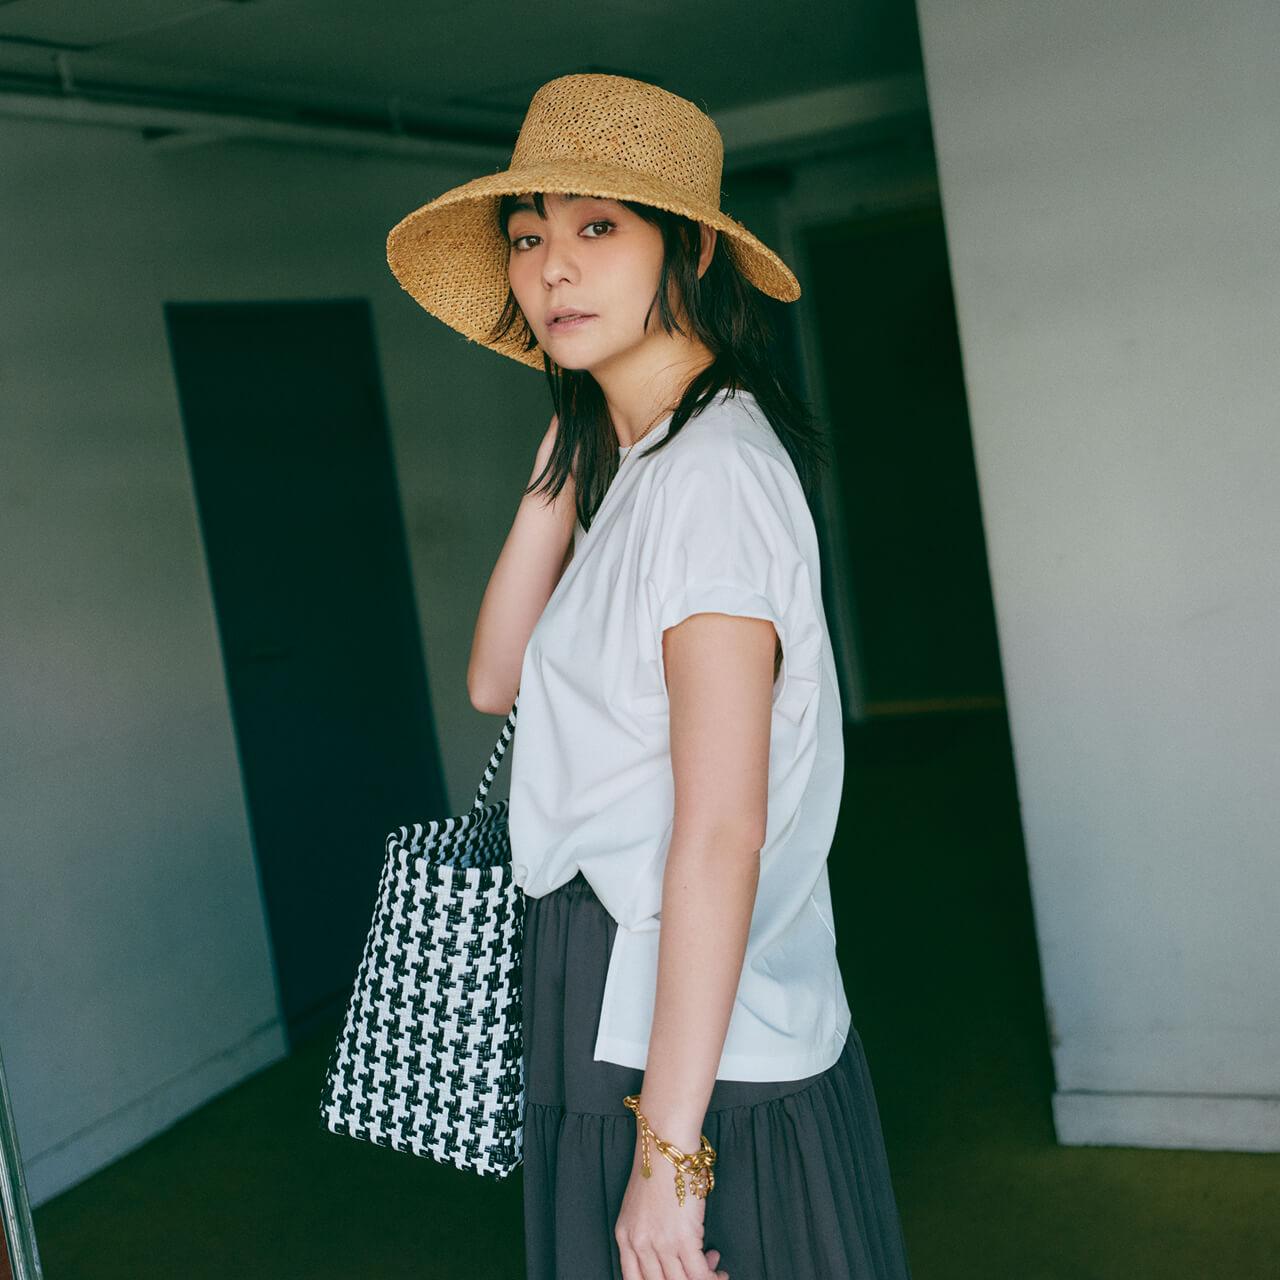 竹下玲奈さん デザインをきかせた個性的な帽子と ほんのり甘めの白Tが好相性!